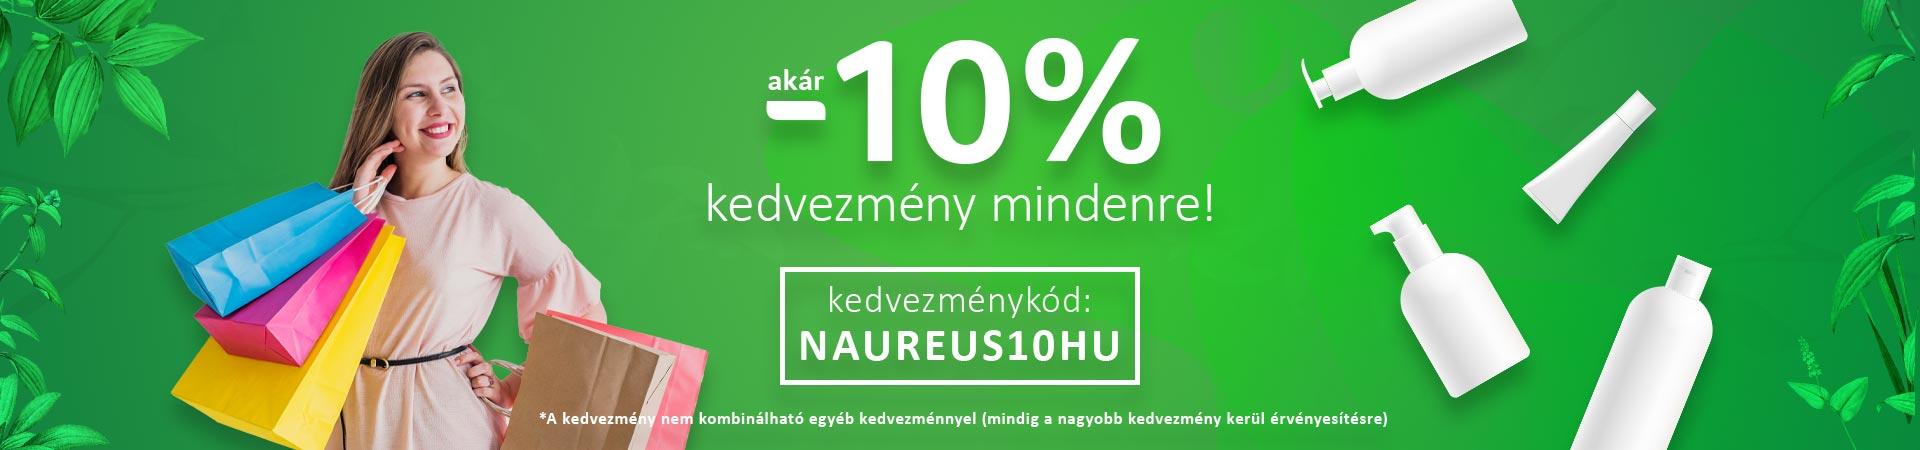 10% kedvezmény mindenre